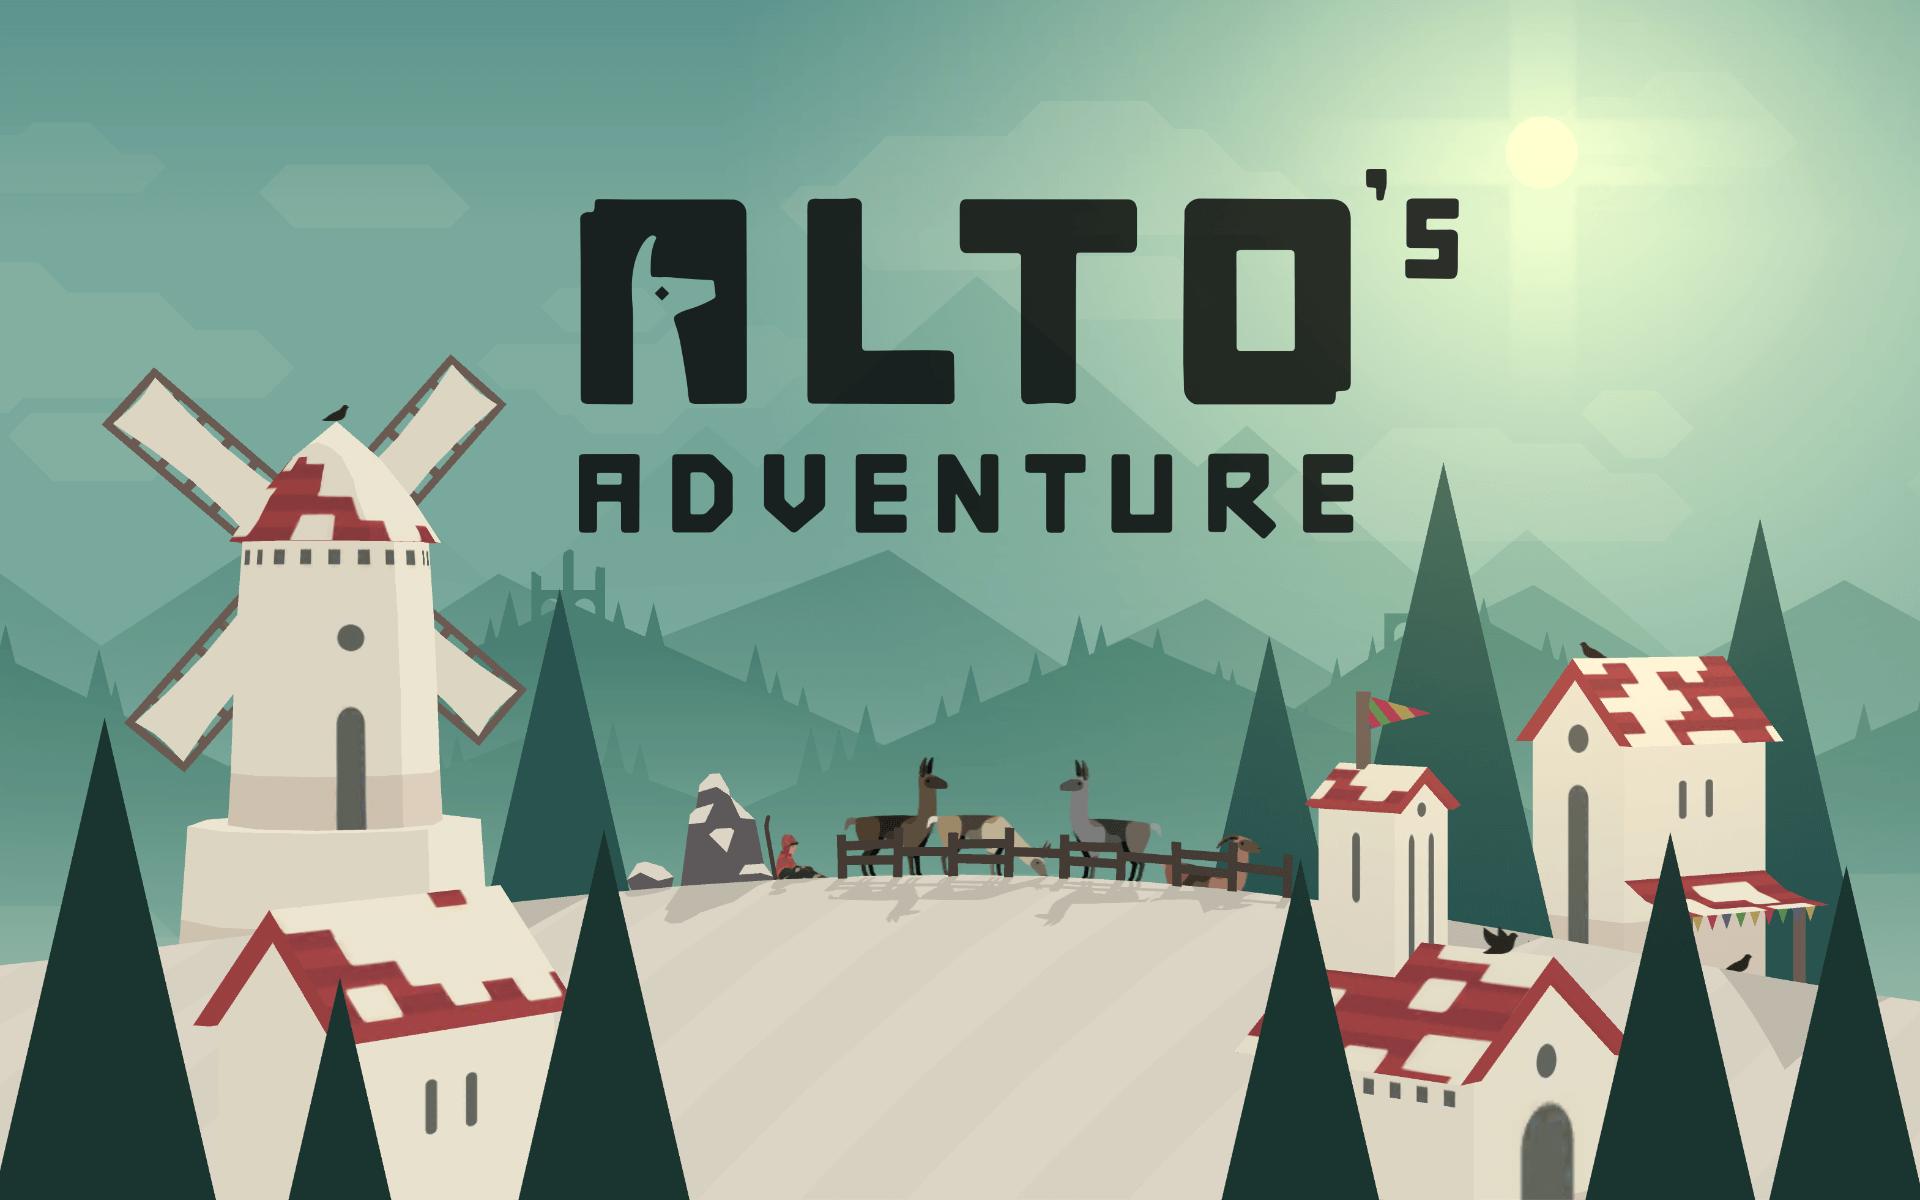 altosadventure (1)